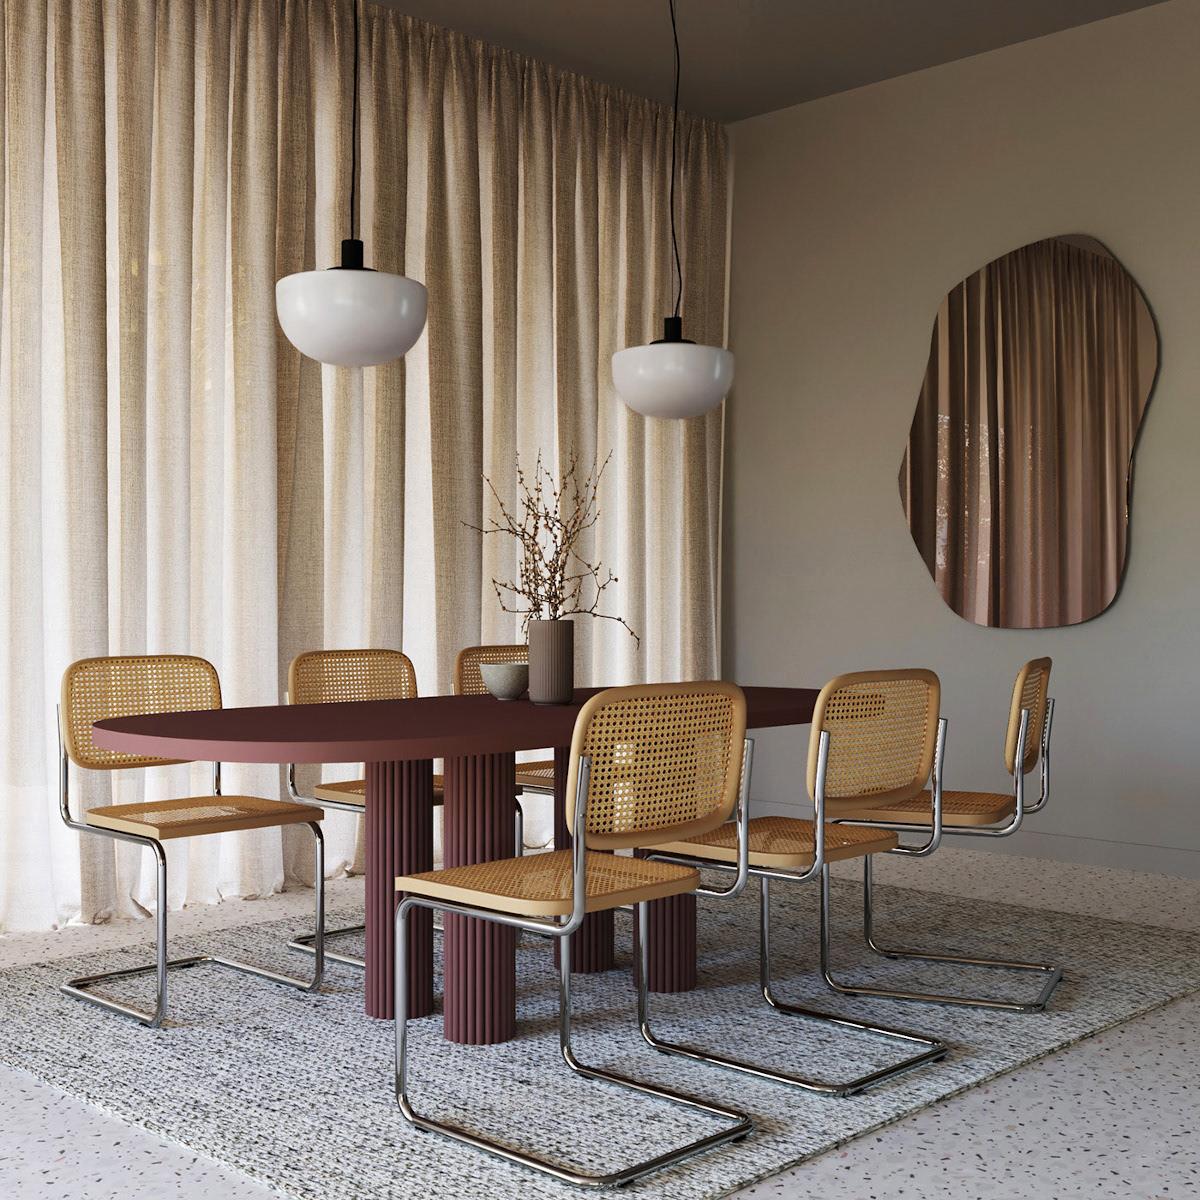 Beżowa jadalnia z krzesłami w stylu Bauhaus